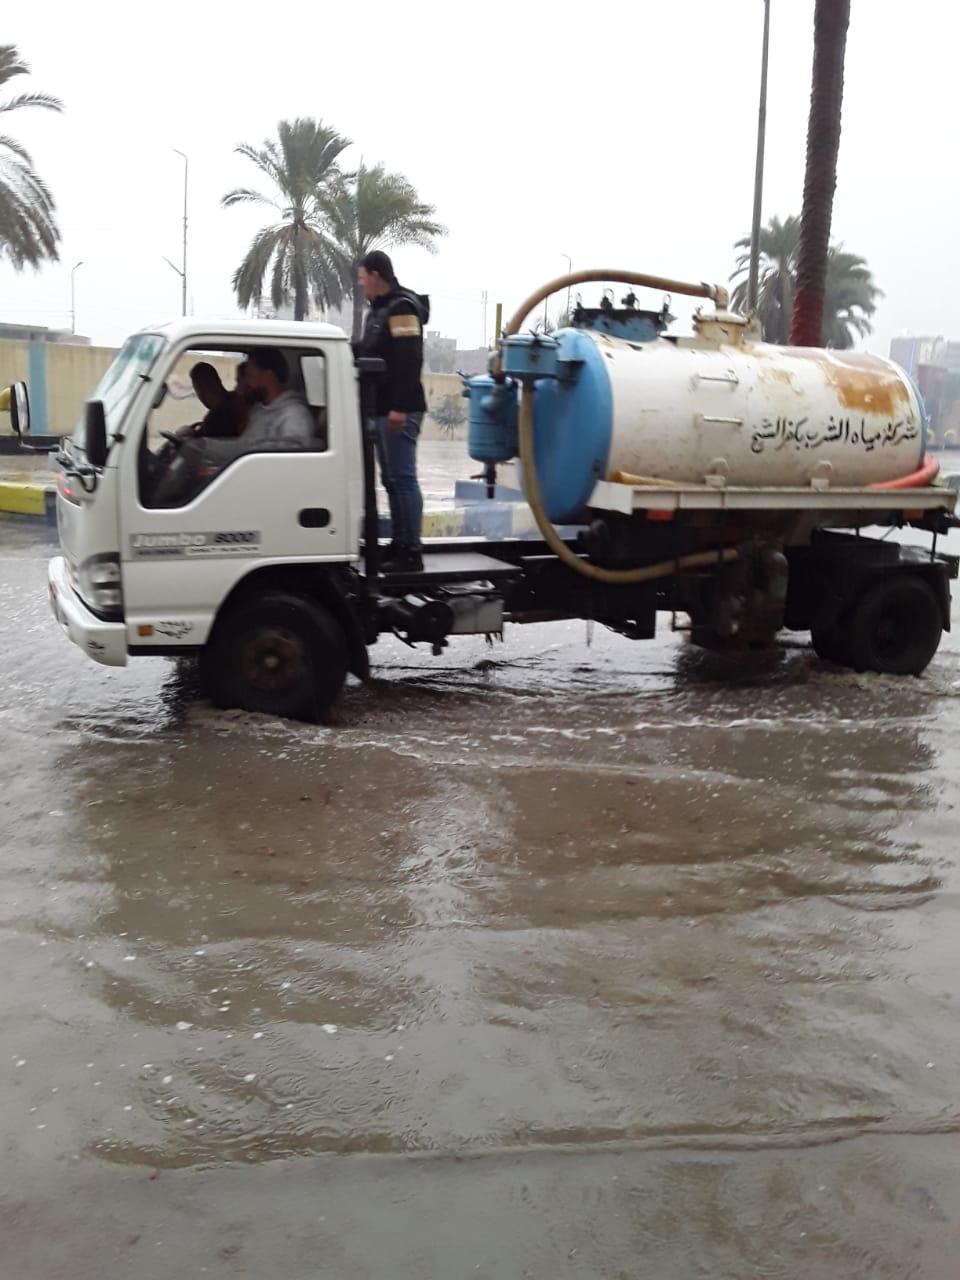 دفع سيارات شفط إضافية بكفر الشيخ والإسكندرية لسرعة إزالة مياه الأمطار (6)